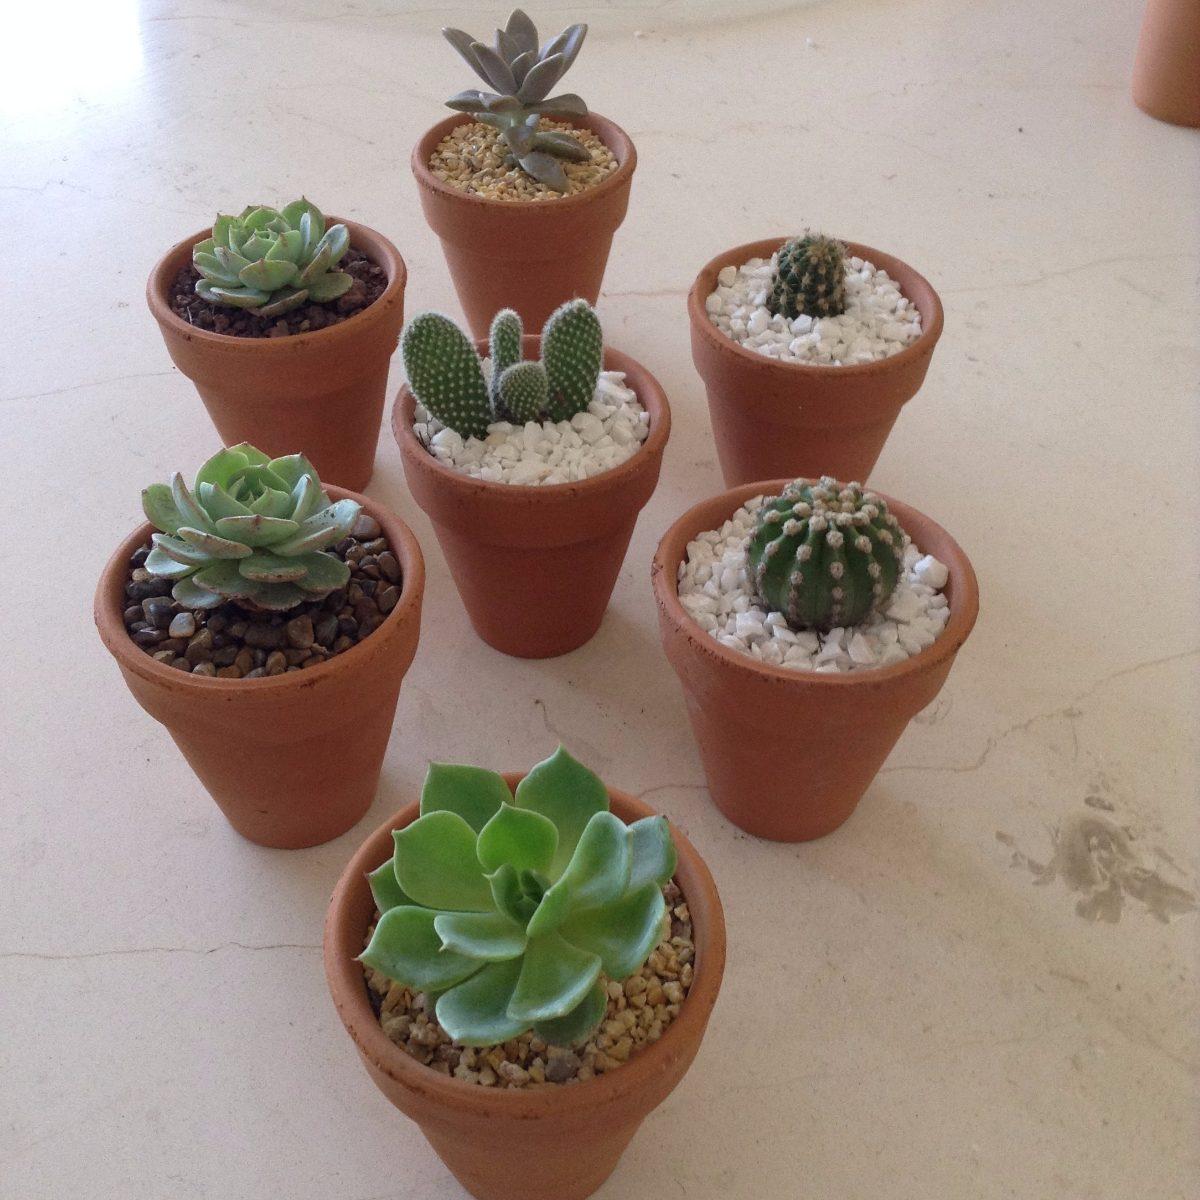 Maceta de barro con suculenta y cactus de 8 cm x 8 cm for Suculentas por mayor